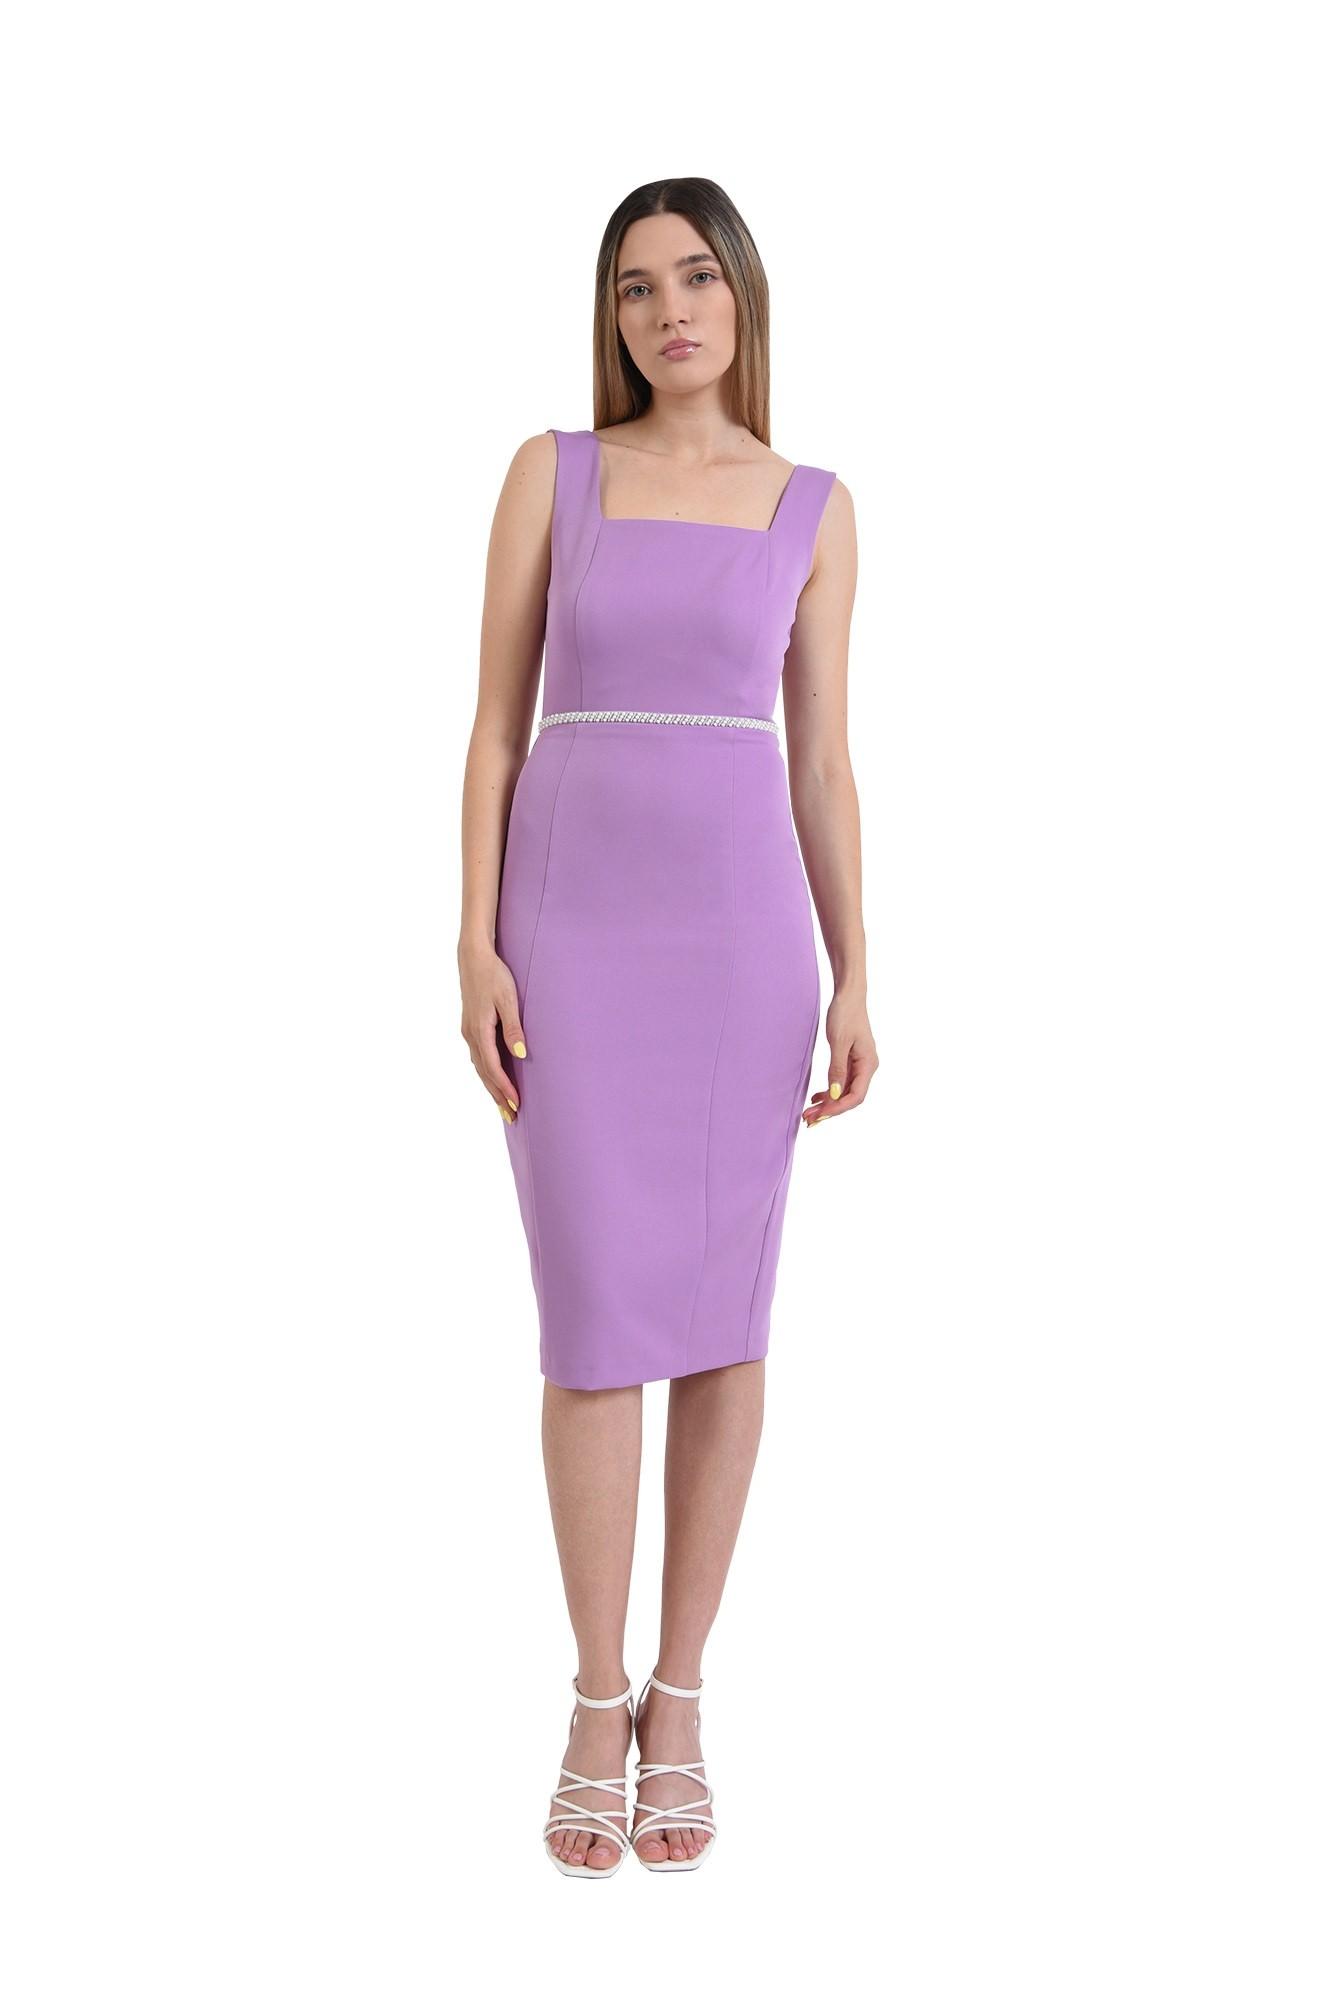 3 - rochie midi, eleganta, lila, aplicatie la talie